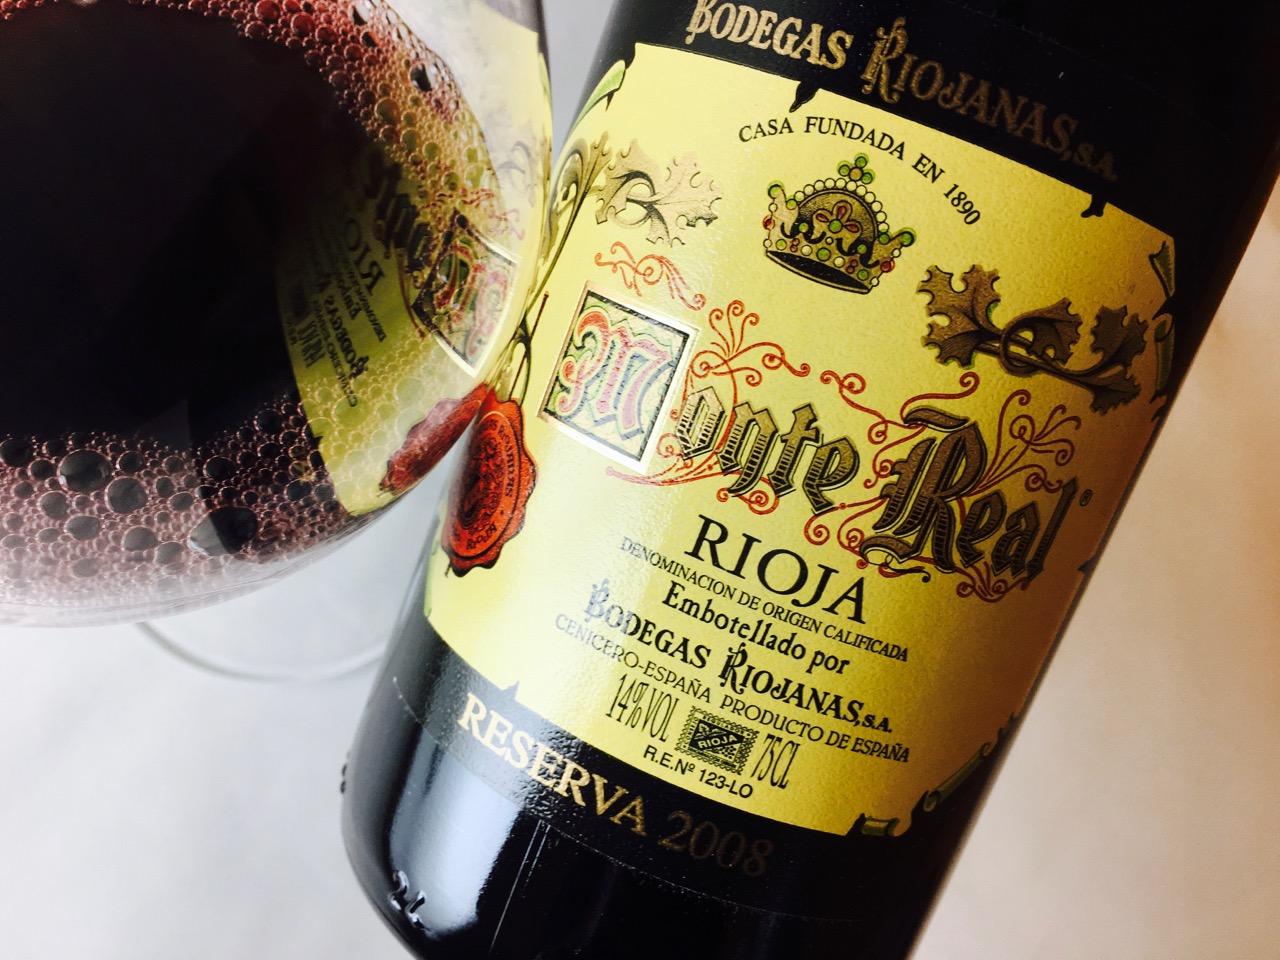 2008 Bodegas Riojanas Monte Real Rioja Reserva